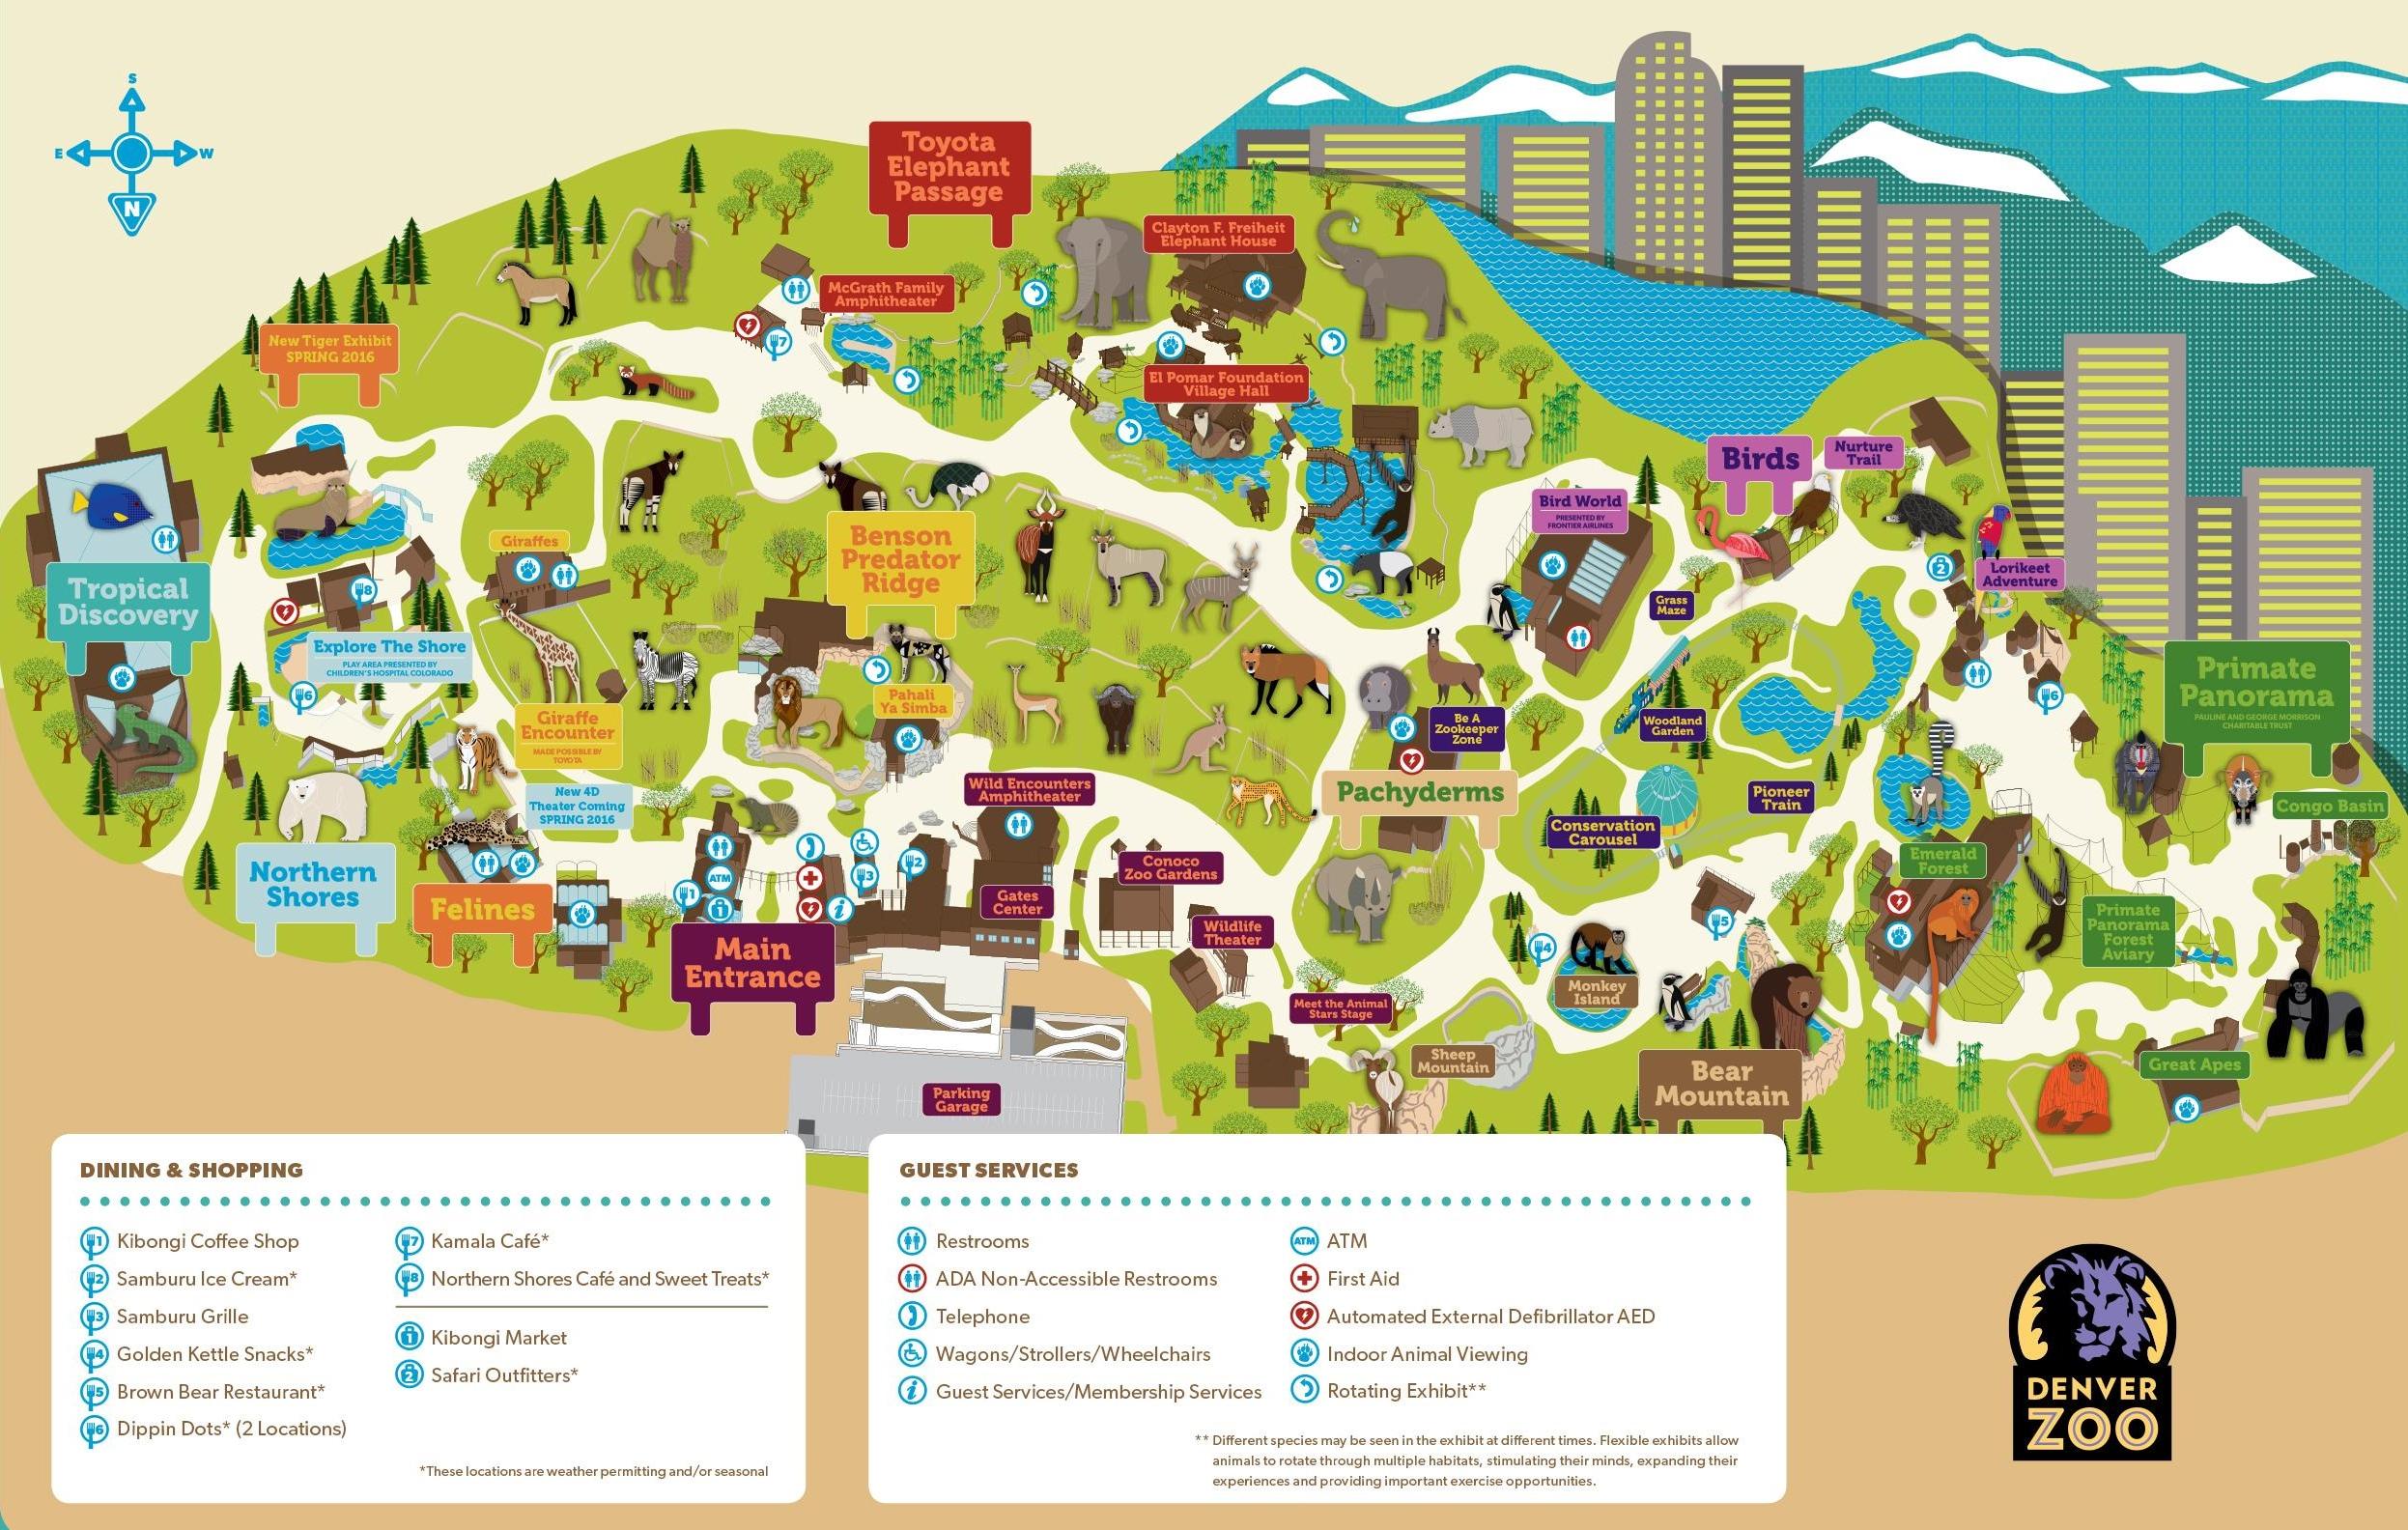 Denver Zoo Map - Central Florida Zoo Map